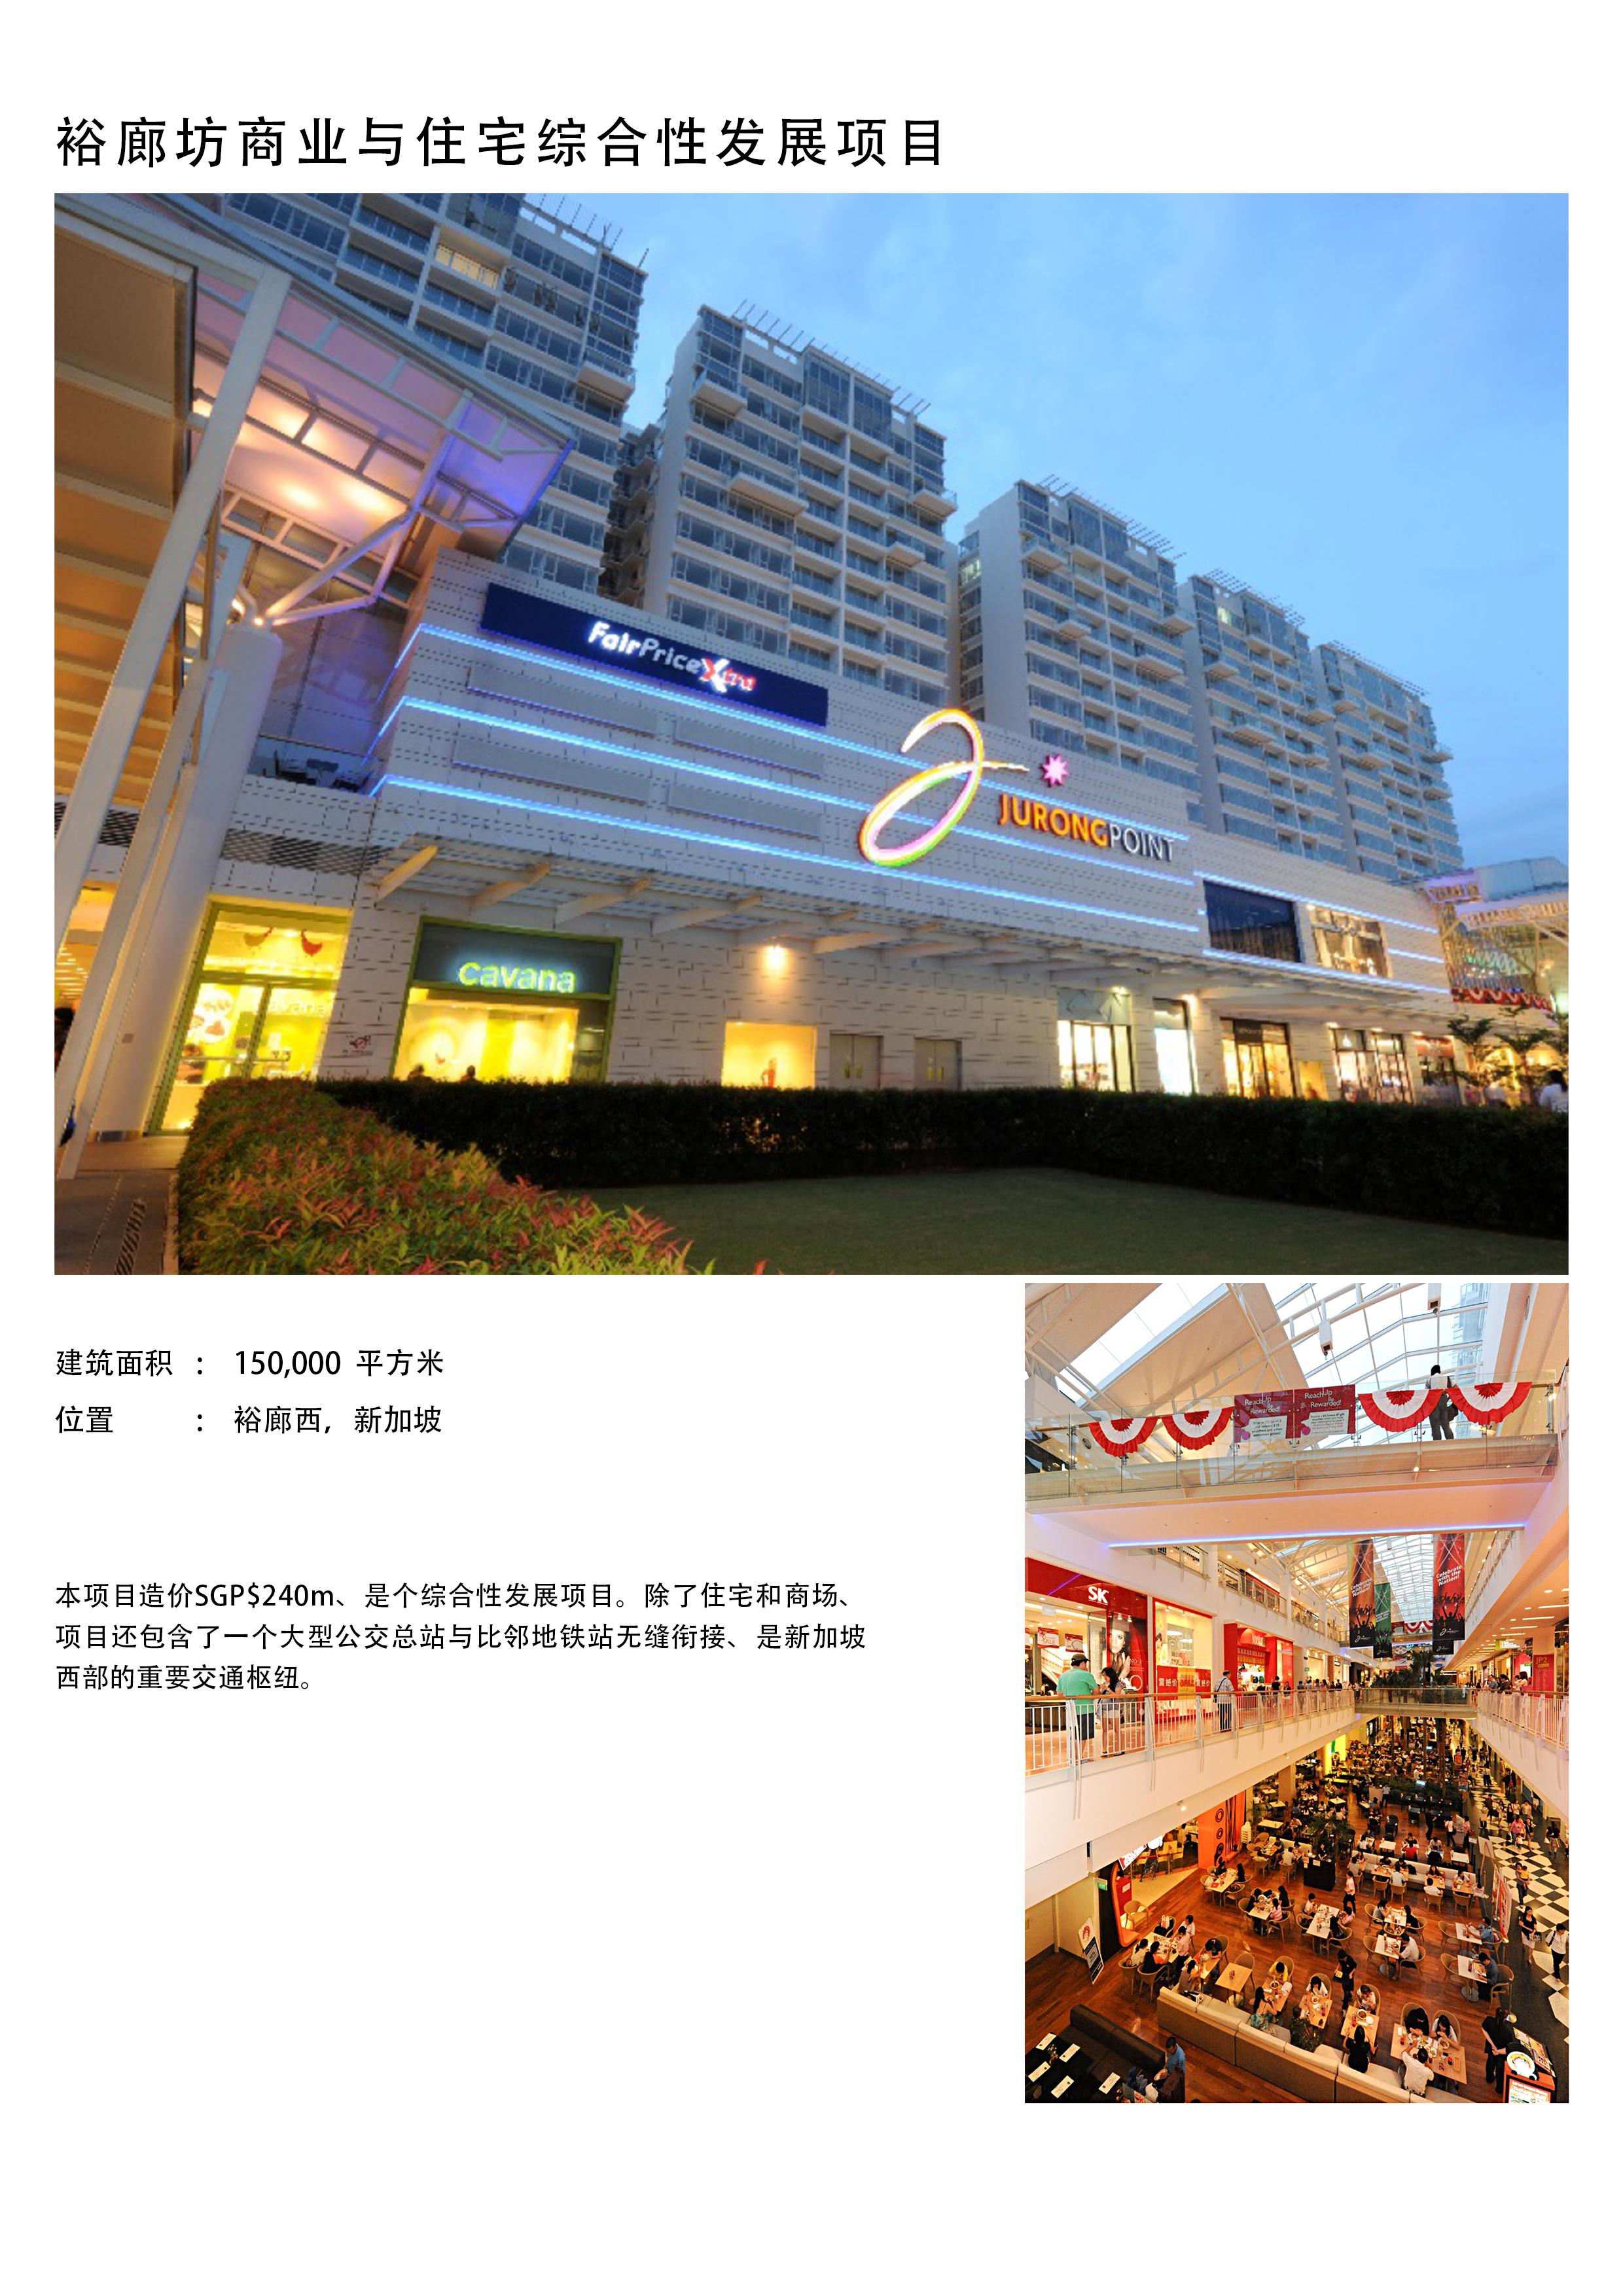 16_Jurongpoint2_cn.jpg